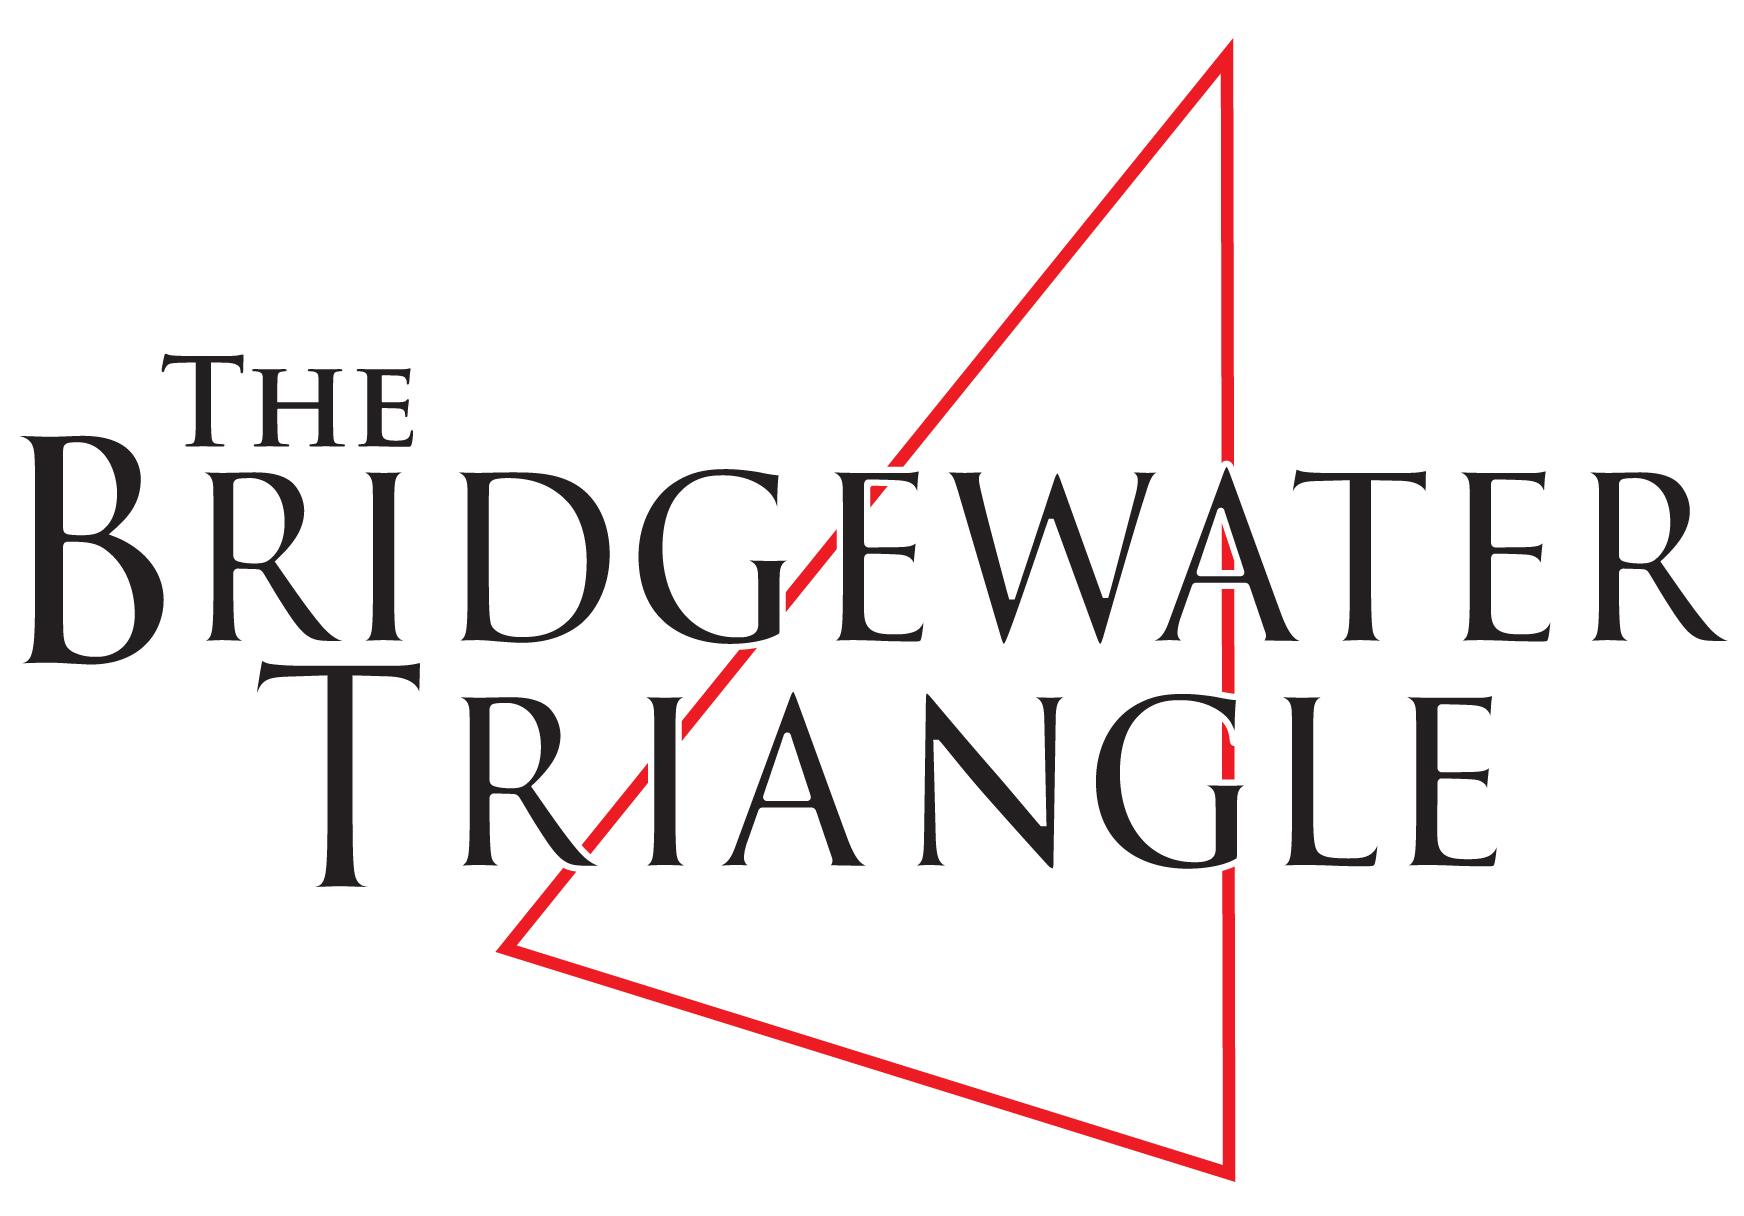 bridgewater triangle documentary review essays